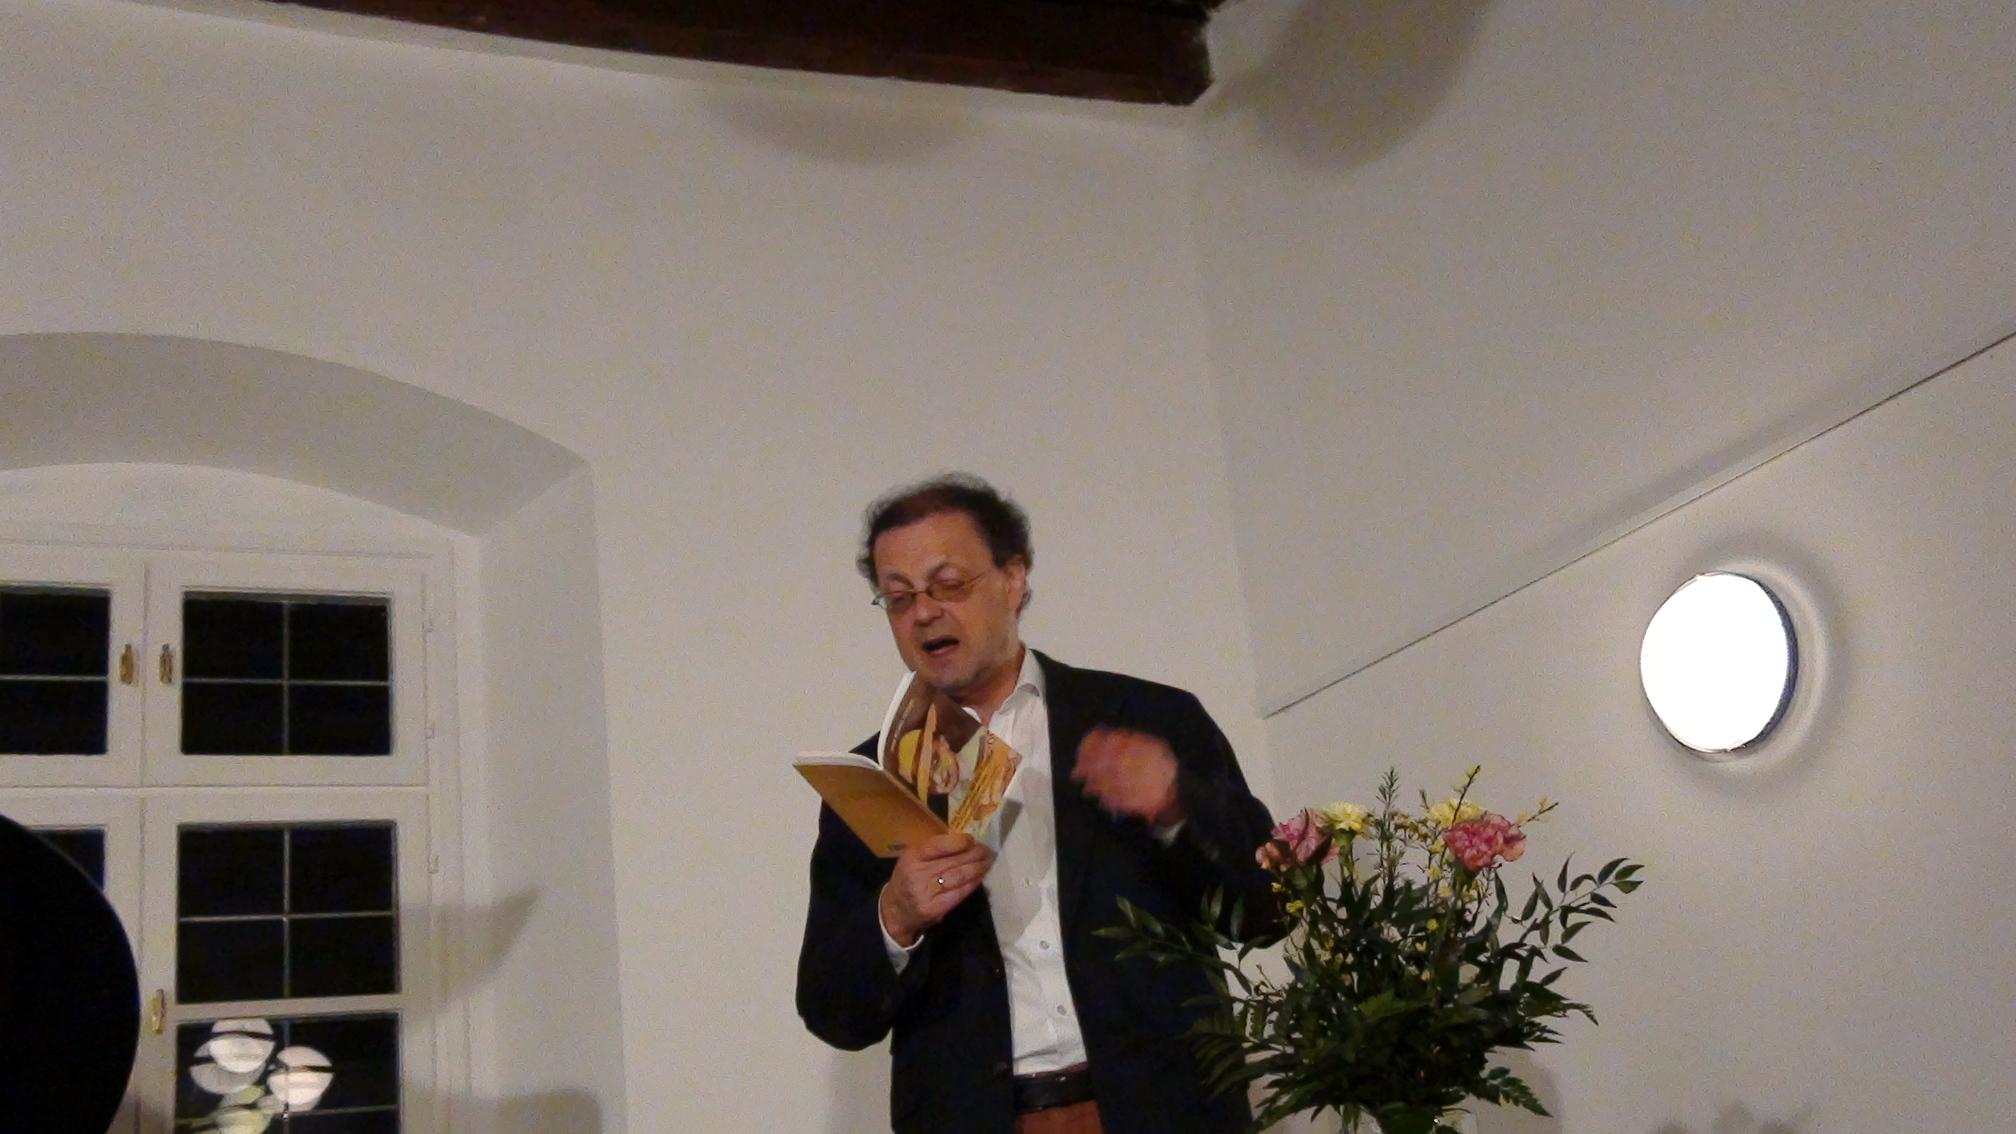 Jakob Michael Perschy